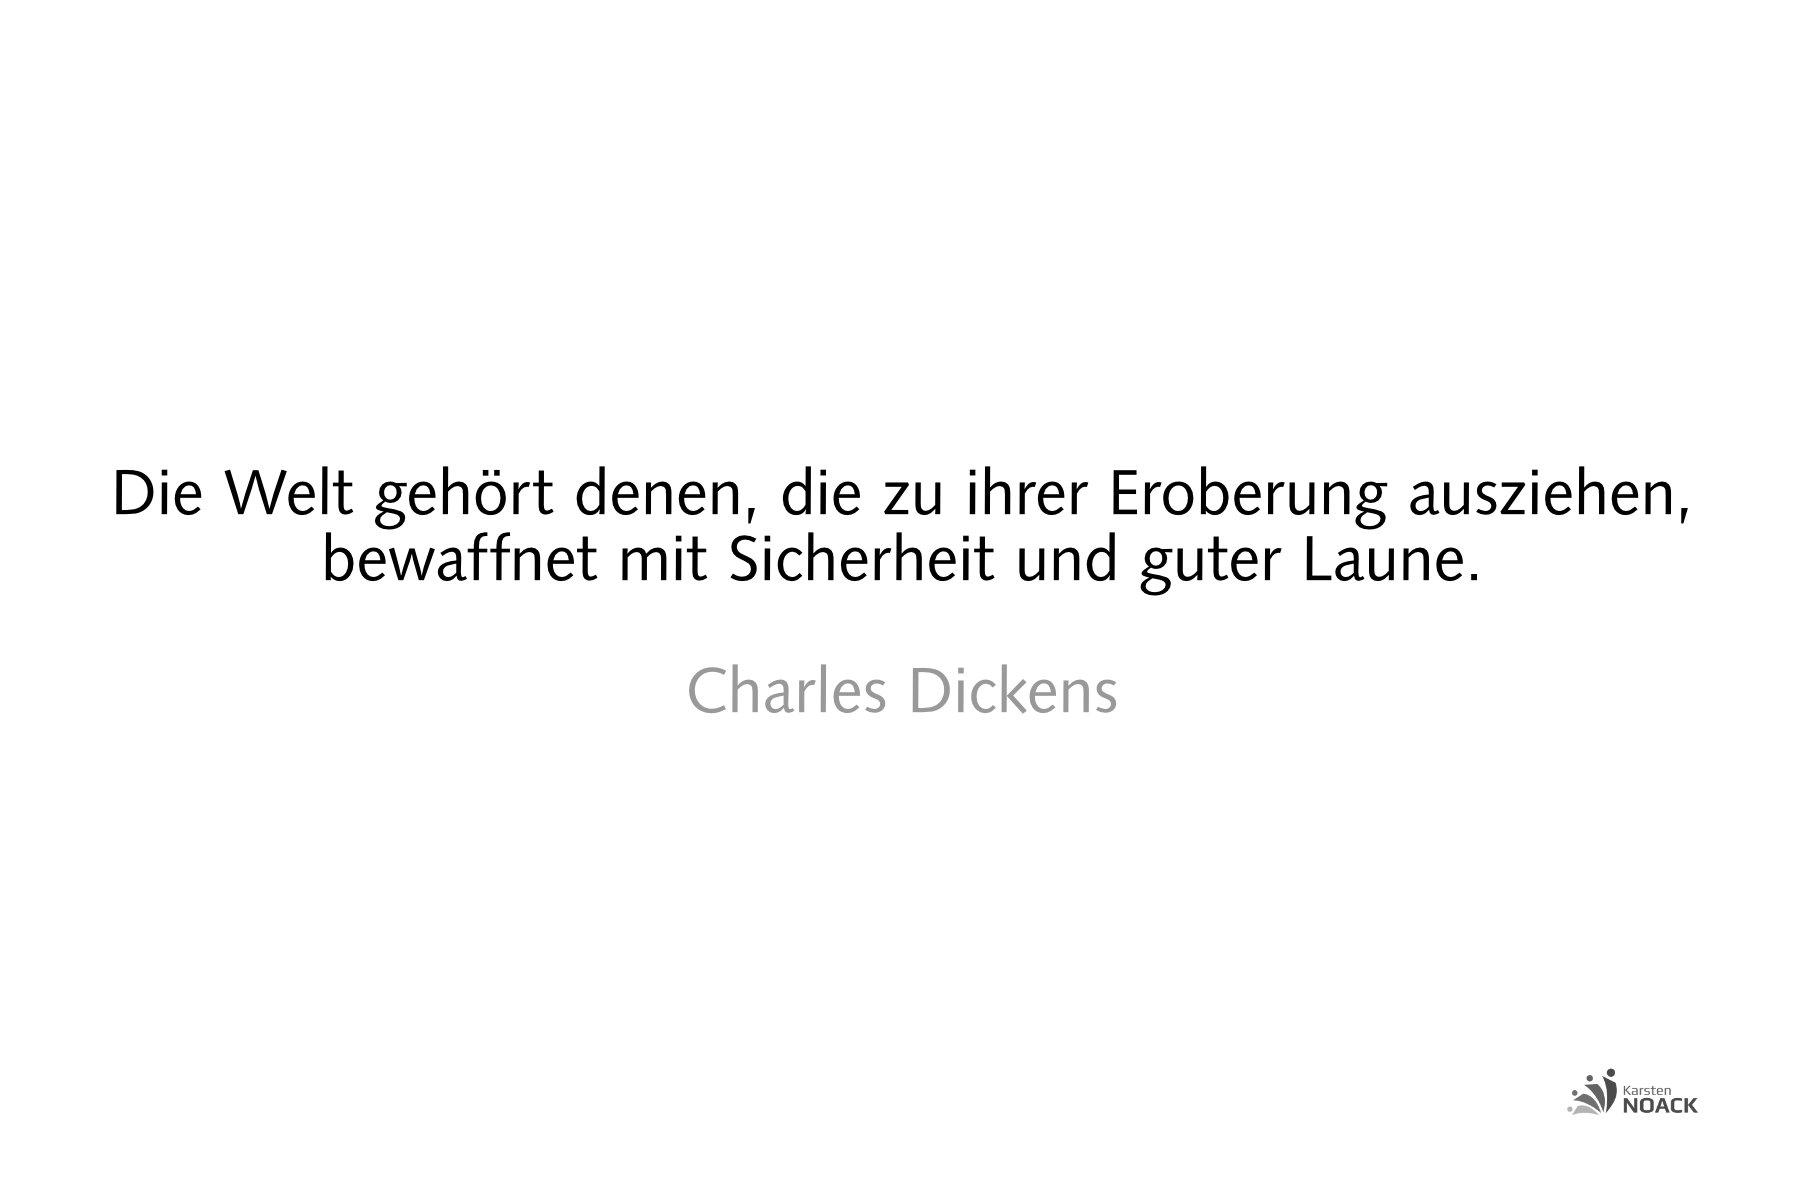 Die Welt gehört denen, die zu ihrer Eroberung ausziehen, bewaffnet mit Sicherheit und guter Laune. Charles Dickens